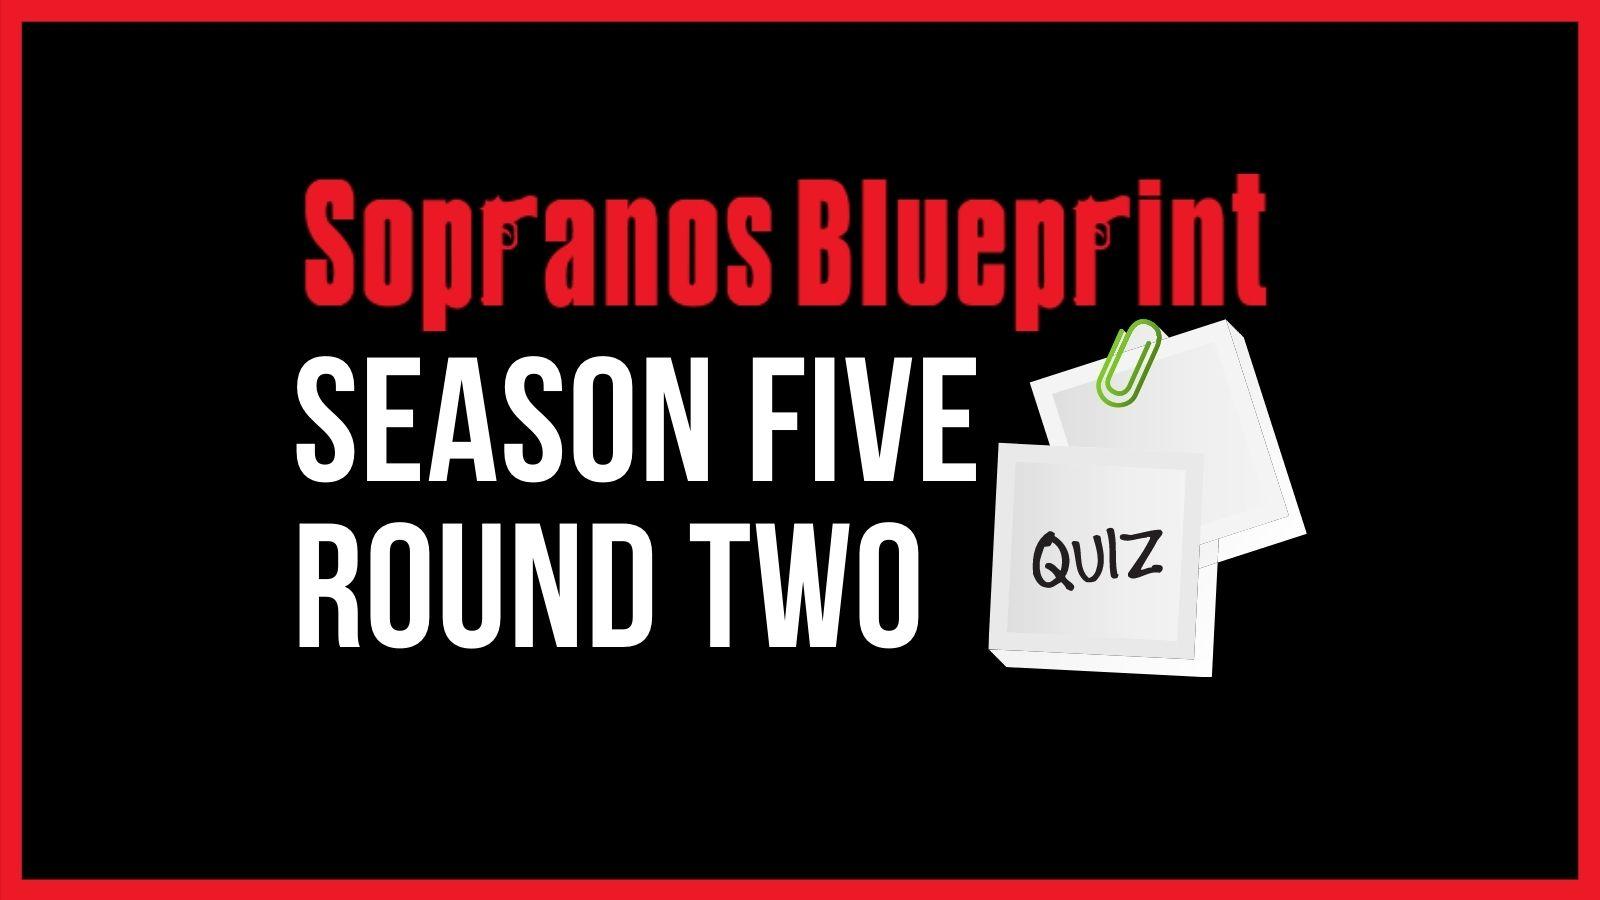 sopranos season 5 trivia round two